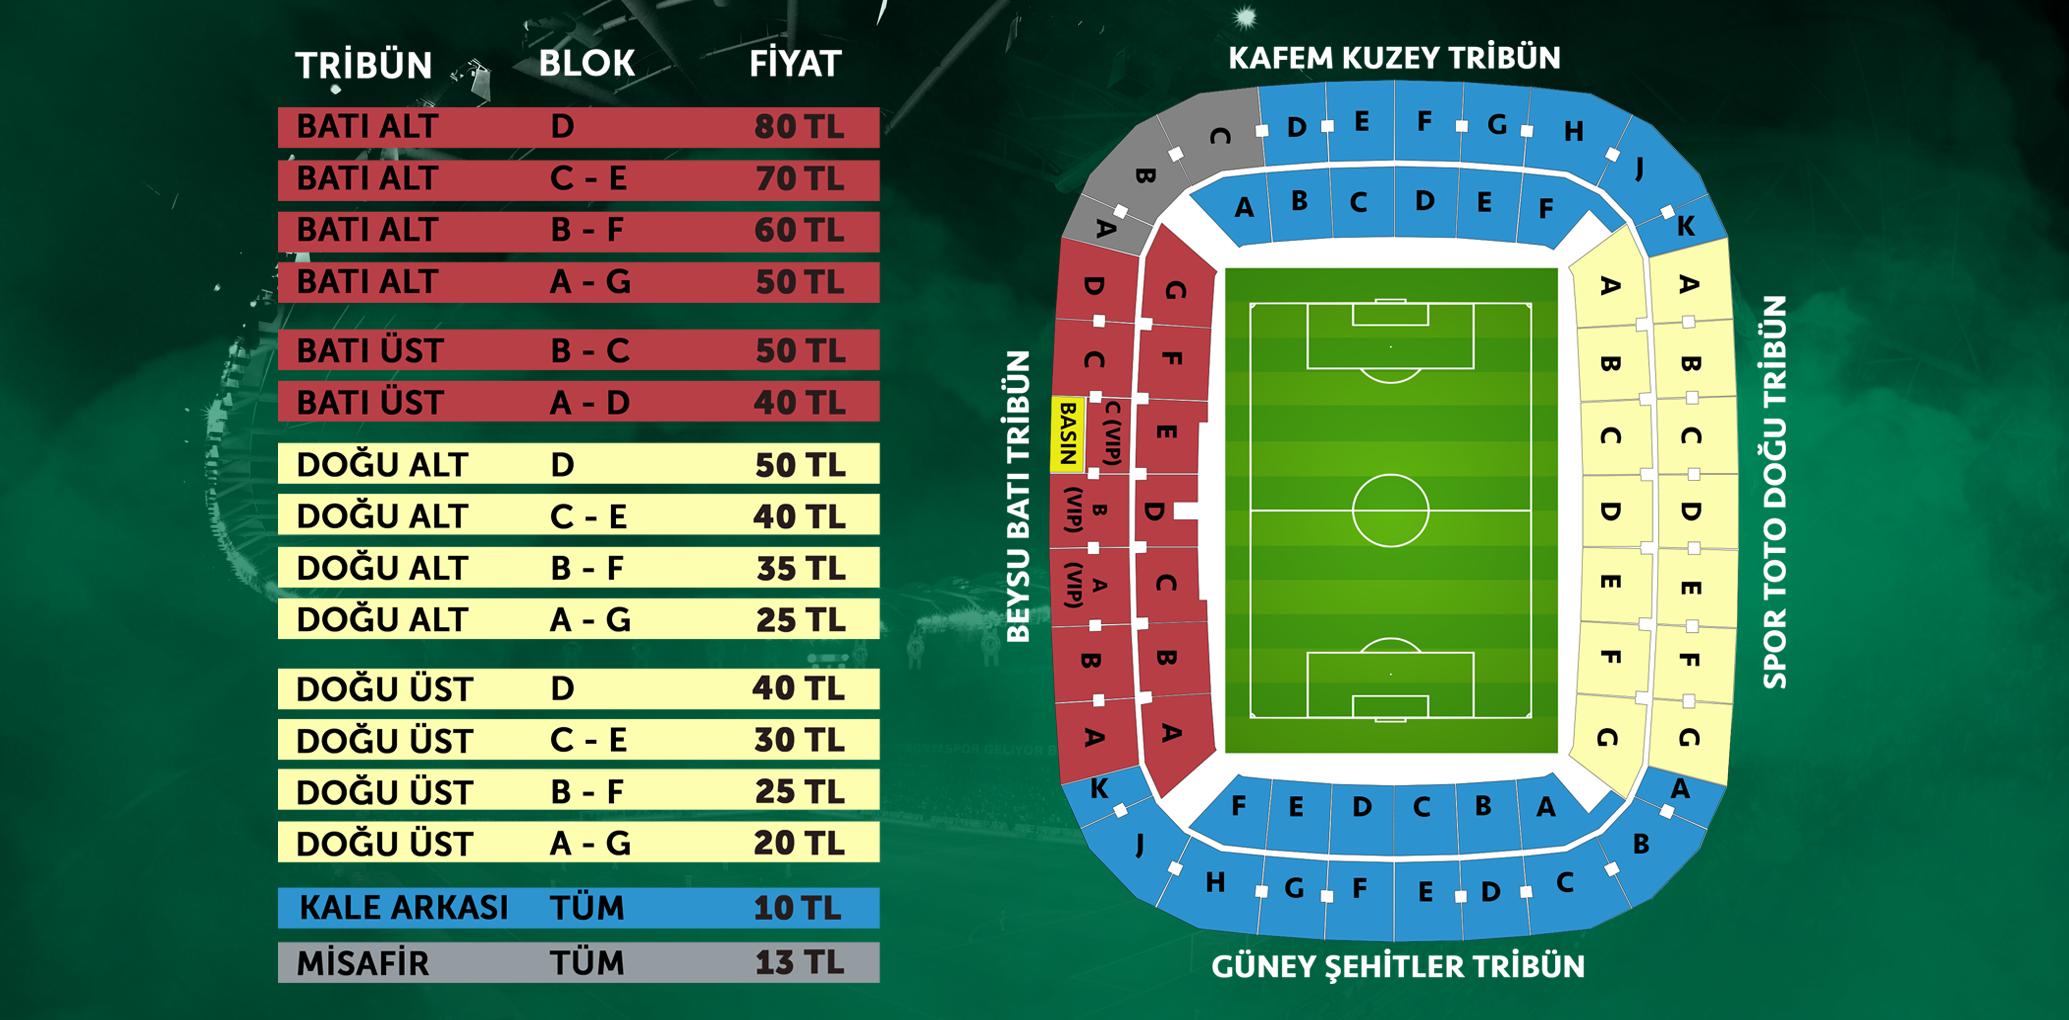 BTC TURK Yeni Malatyaspor Maçı Biletleri Satışa Çıkıyor